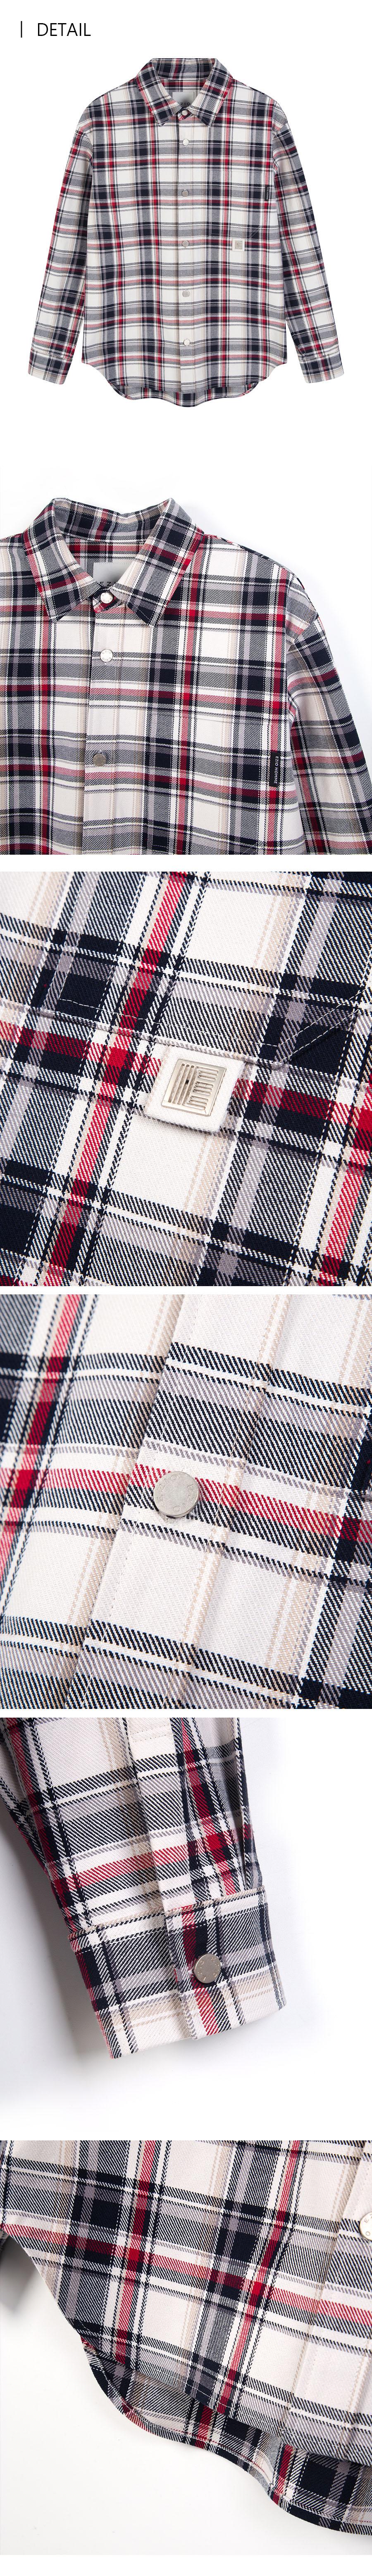 이지오 우먼(EZIO WOMEN) [W]멀티 체크 오버 셔켓-크림 레드